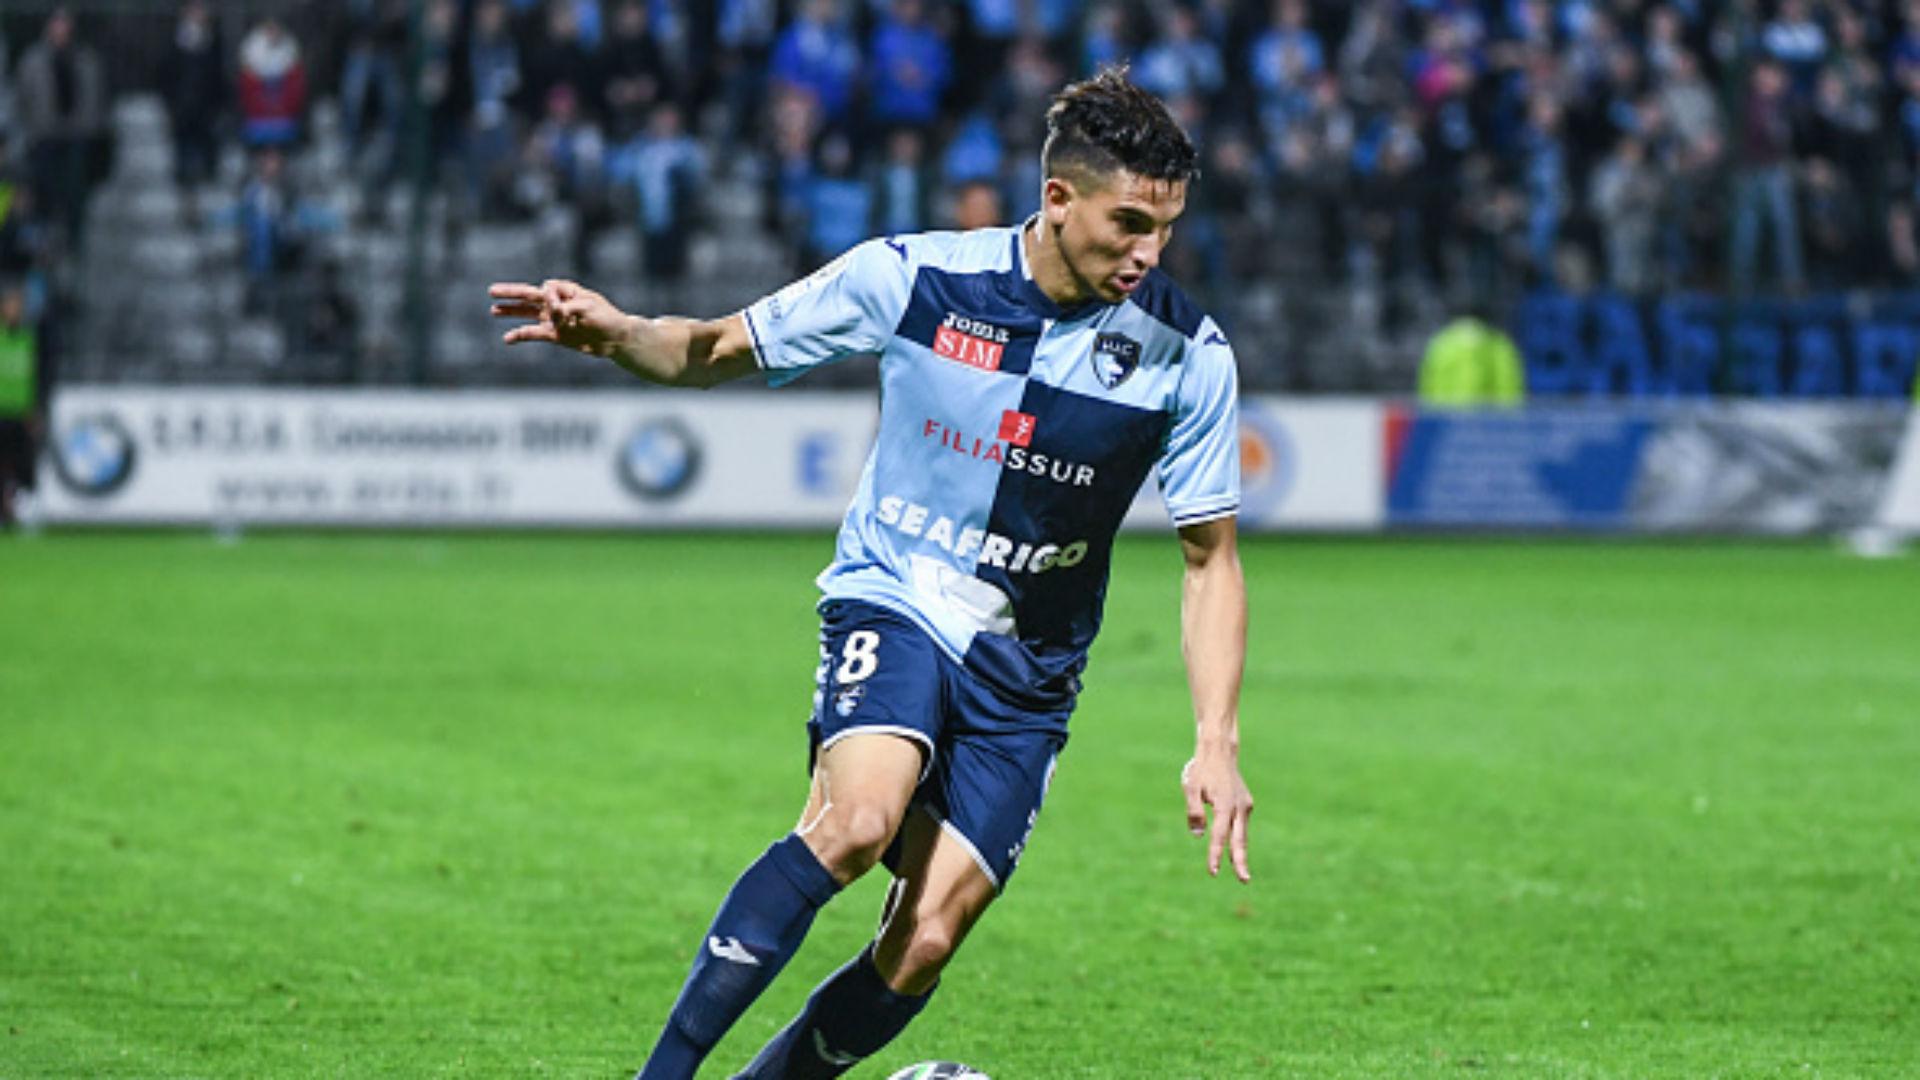 Entretien Zinedine Ferhat Le Havre Mon Objectif C Est La Montee Avec Le Hac Goal Com